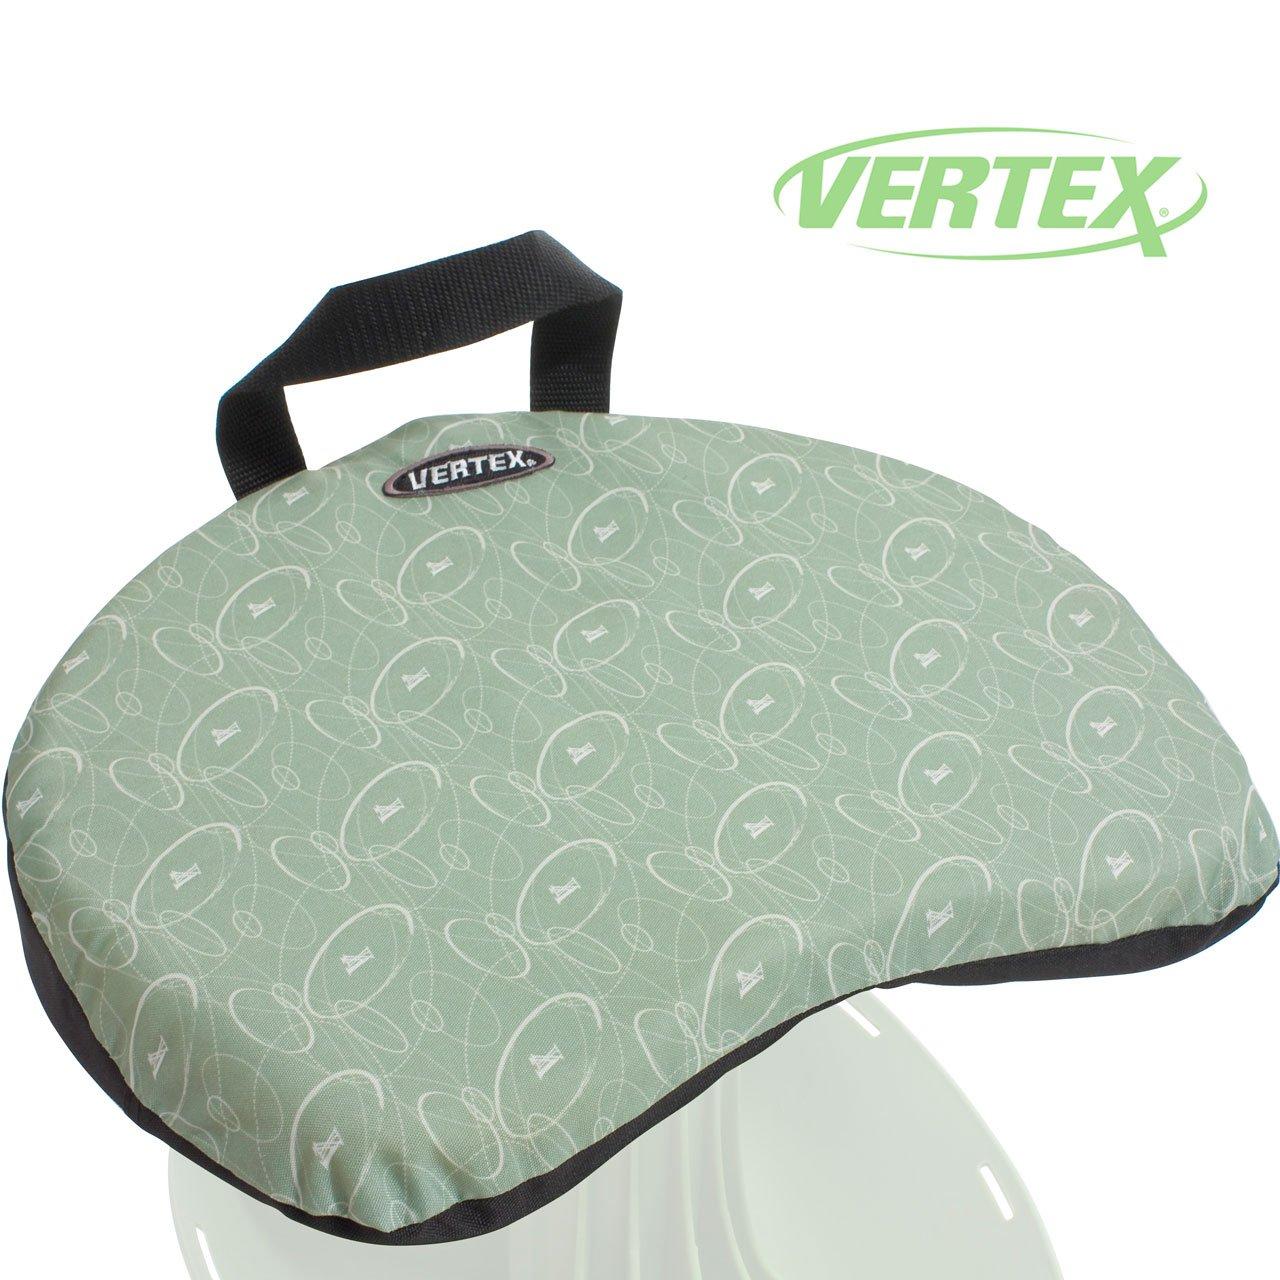 Buy Vertex Now!